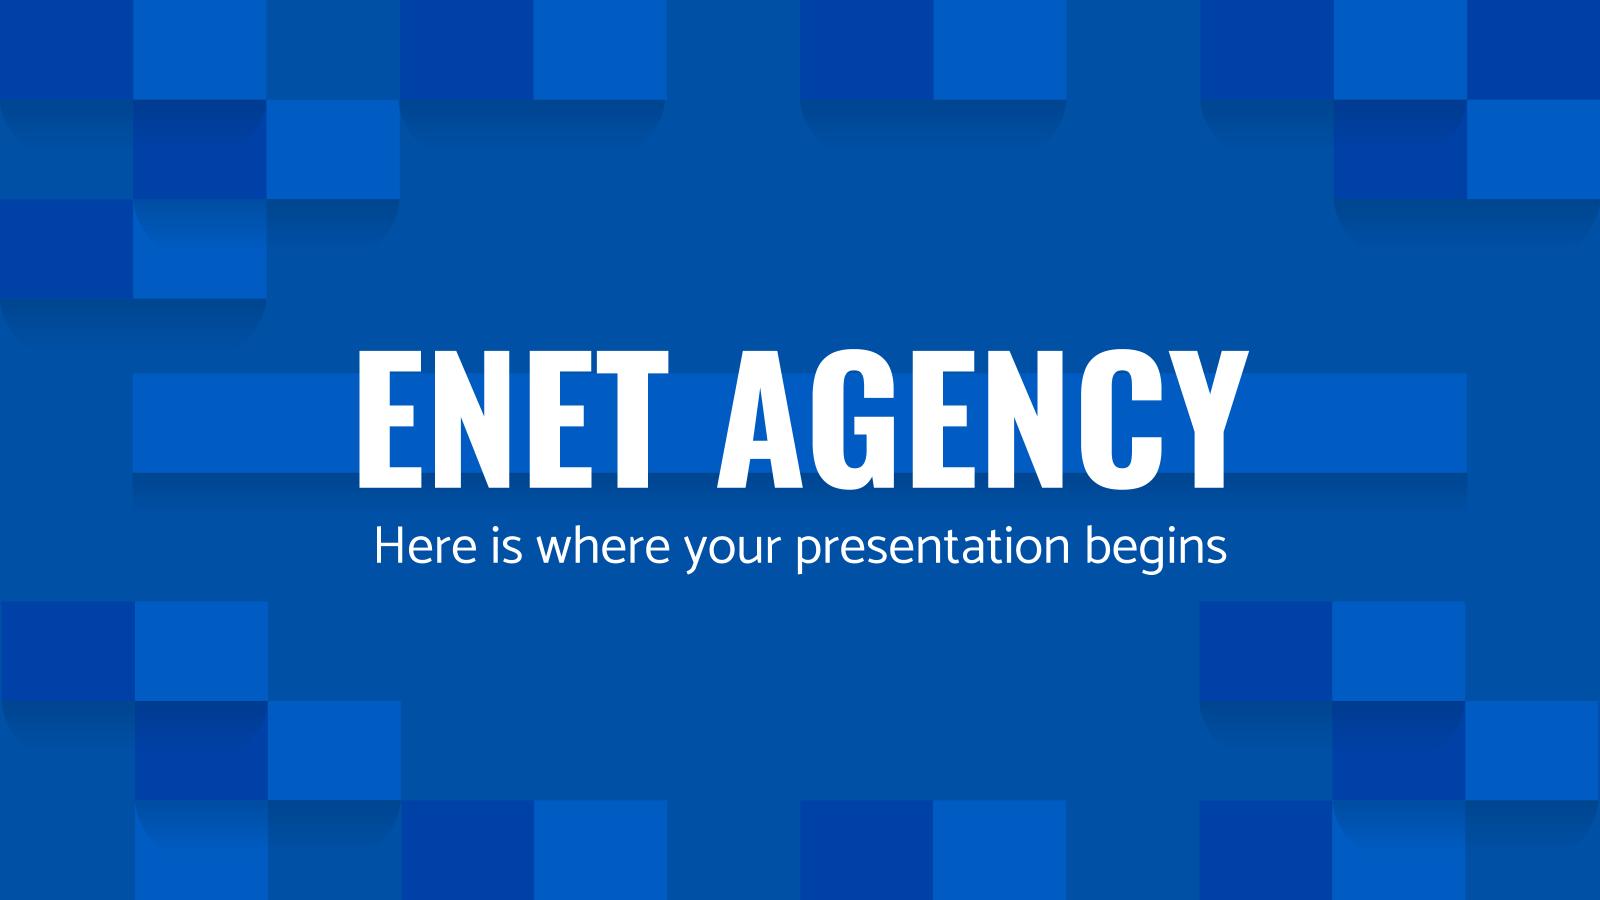 Plantilla de presentación Agencia Enet